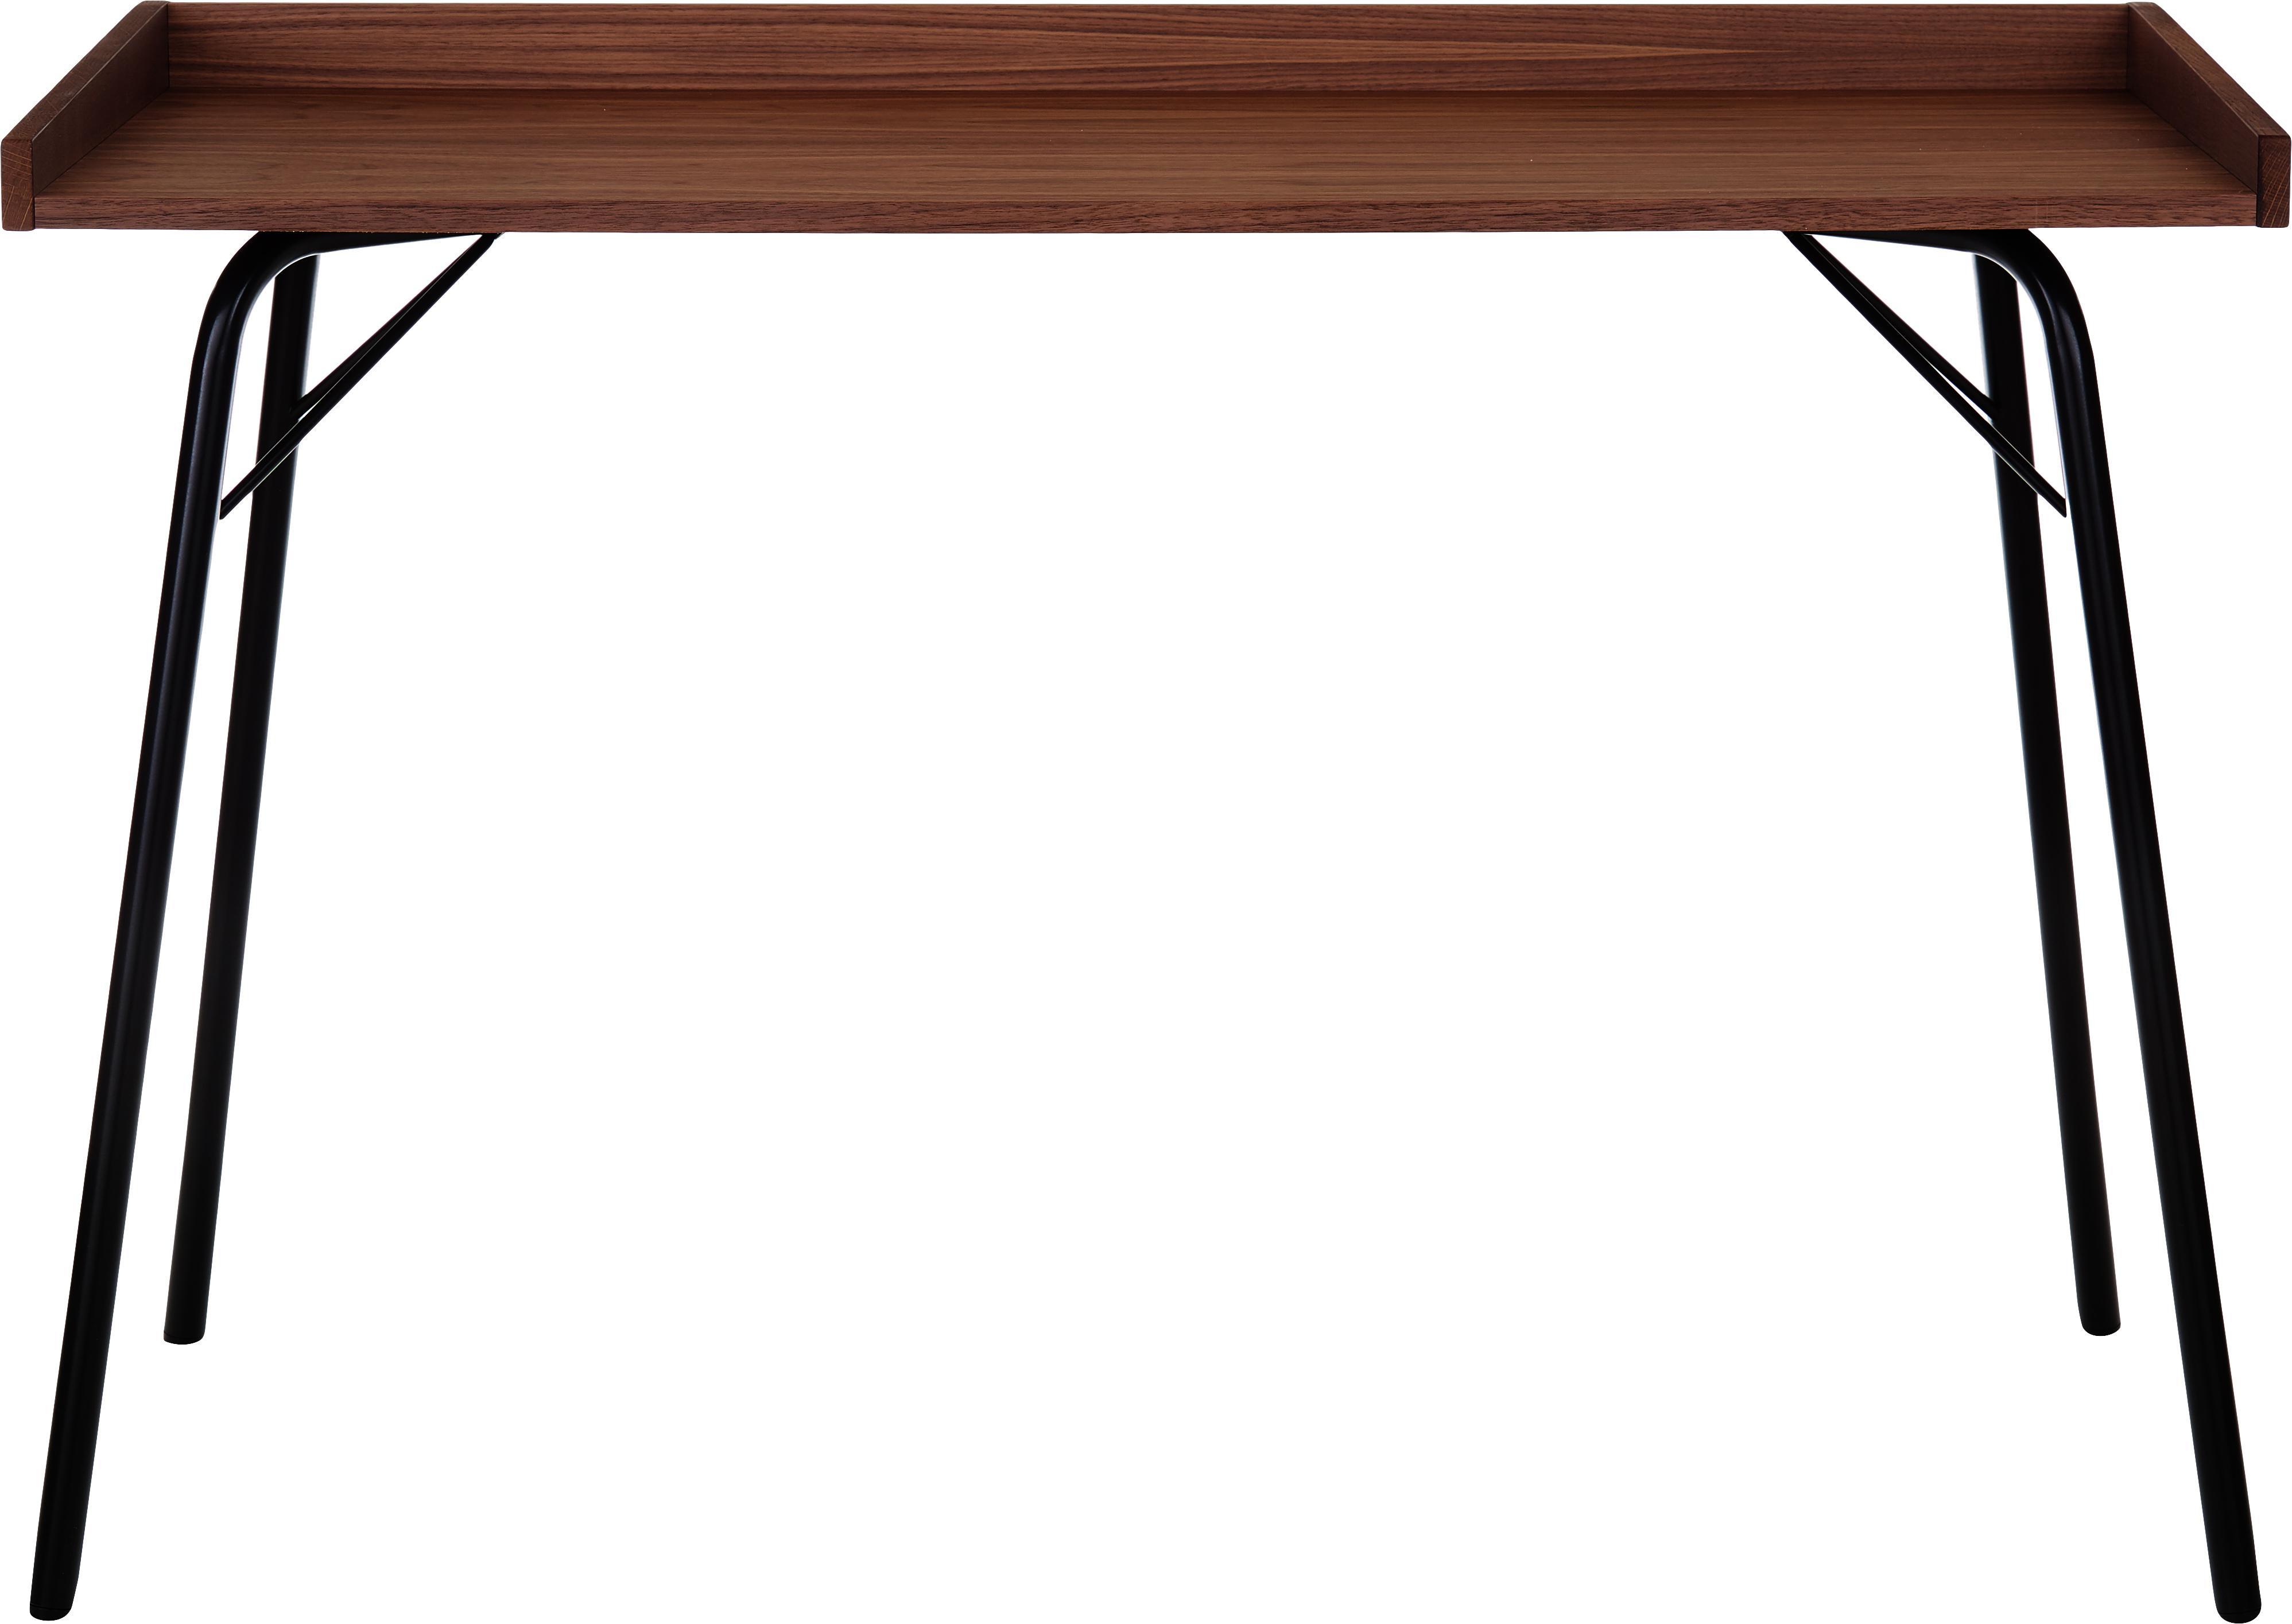 Scrivania con piano in noce Rayburn, Piano d'appoggio: pannello di fibra a media, Struttura: metallo verniciato a polv, Albero di noce, nero, Larg. 115 x Prof. 52 cm